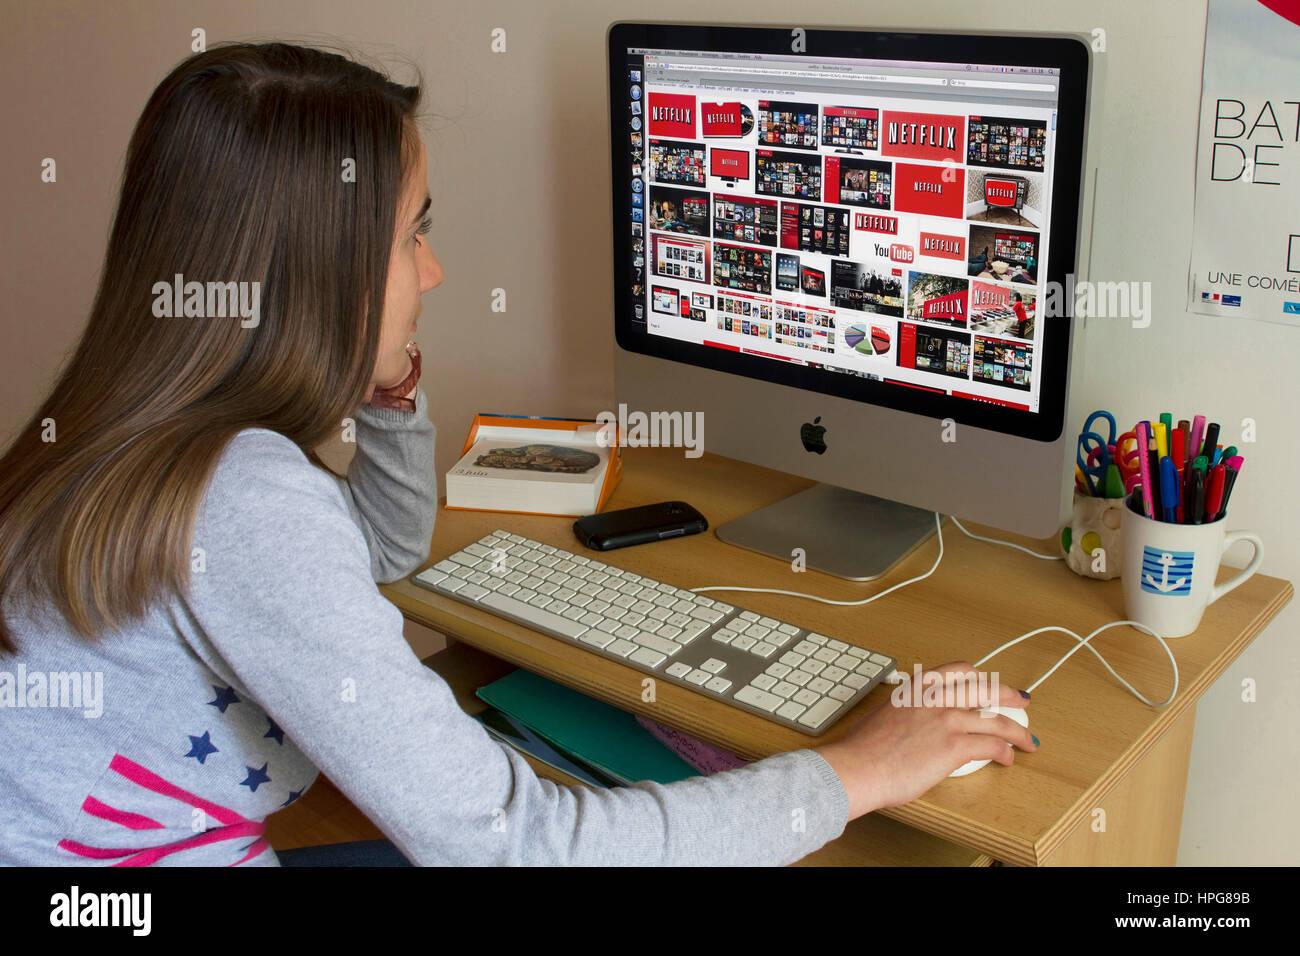 Schoolgirl davanti allo schermo di un computer la visualizzazione di Netflix. Immagini Stock